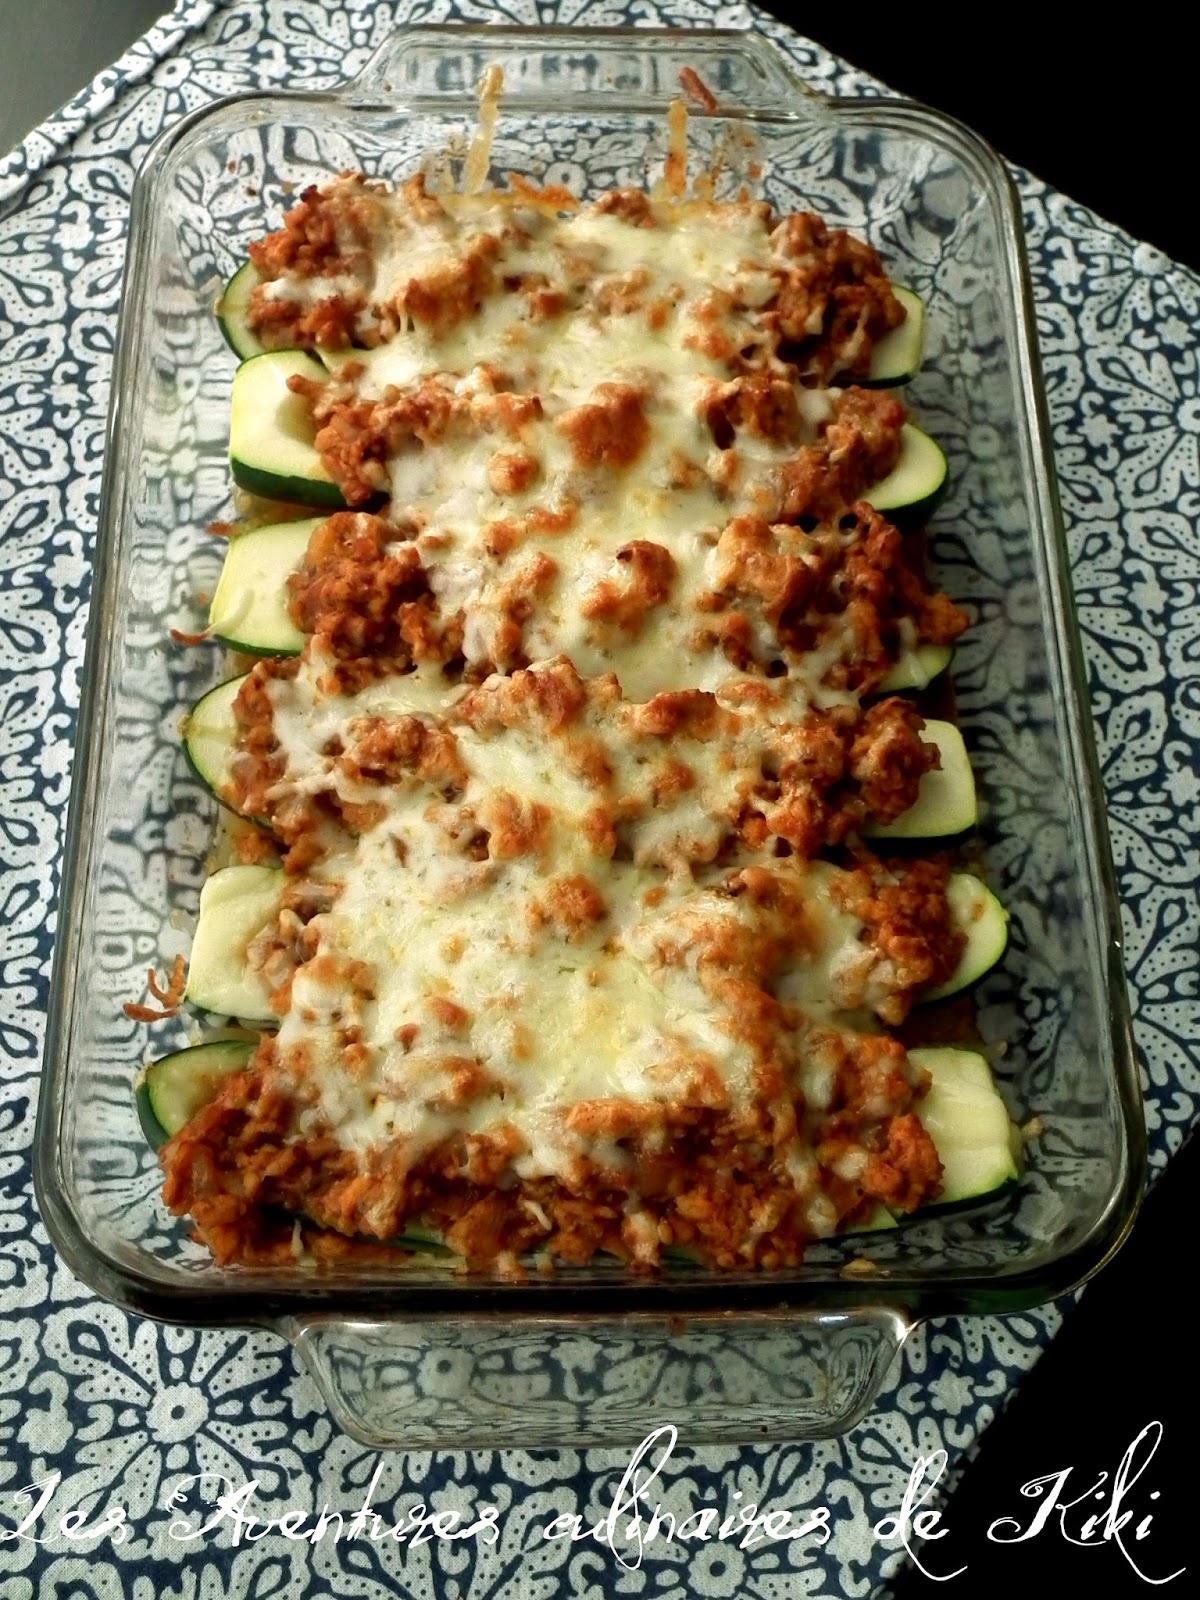 Faits avec amour les aventures culinaires de kiki for Assaisonnement tacos maison